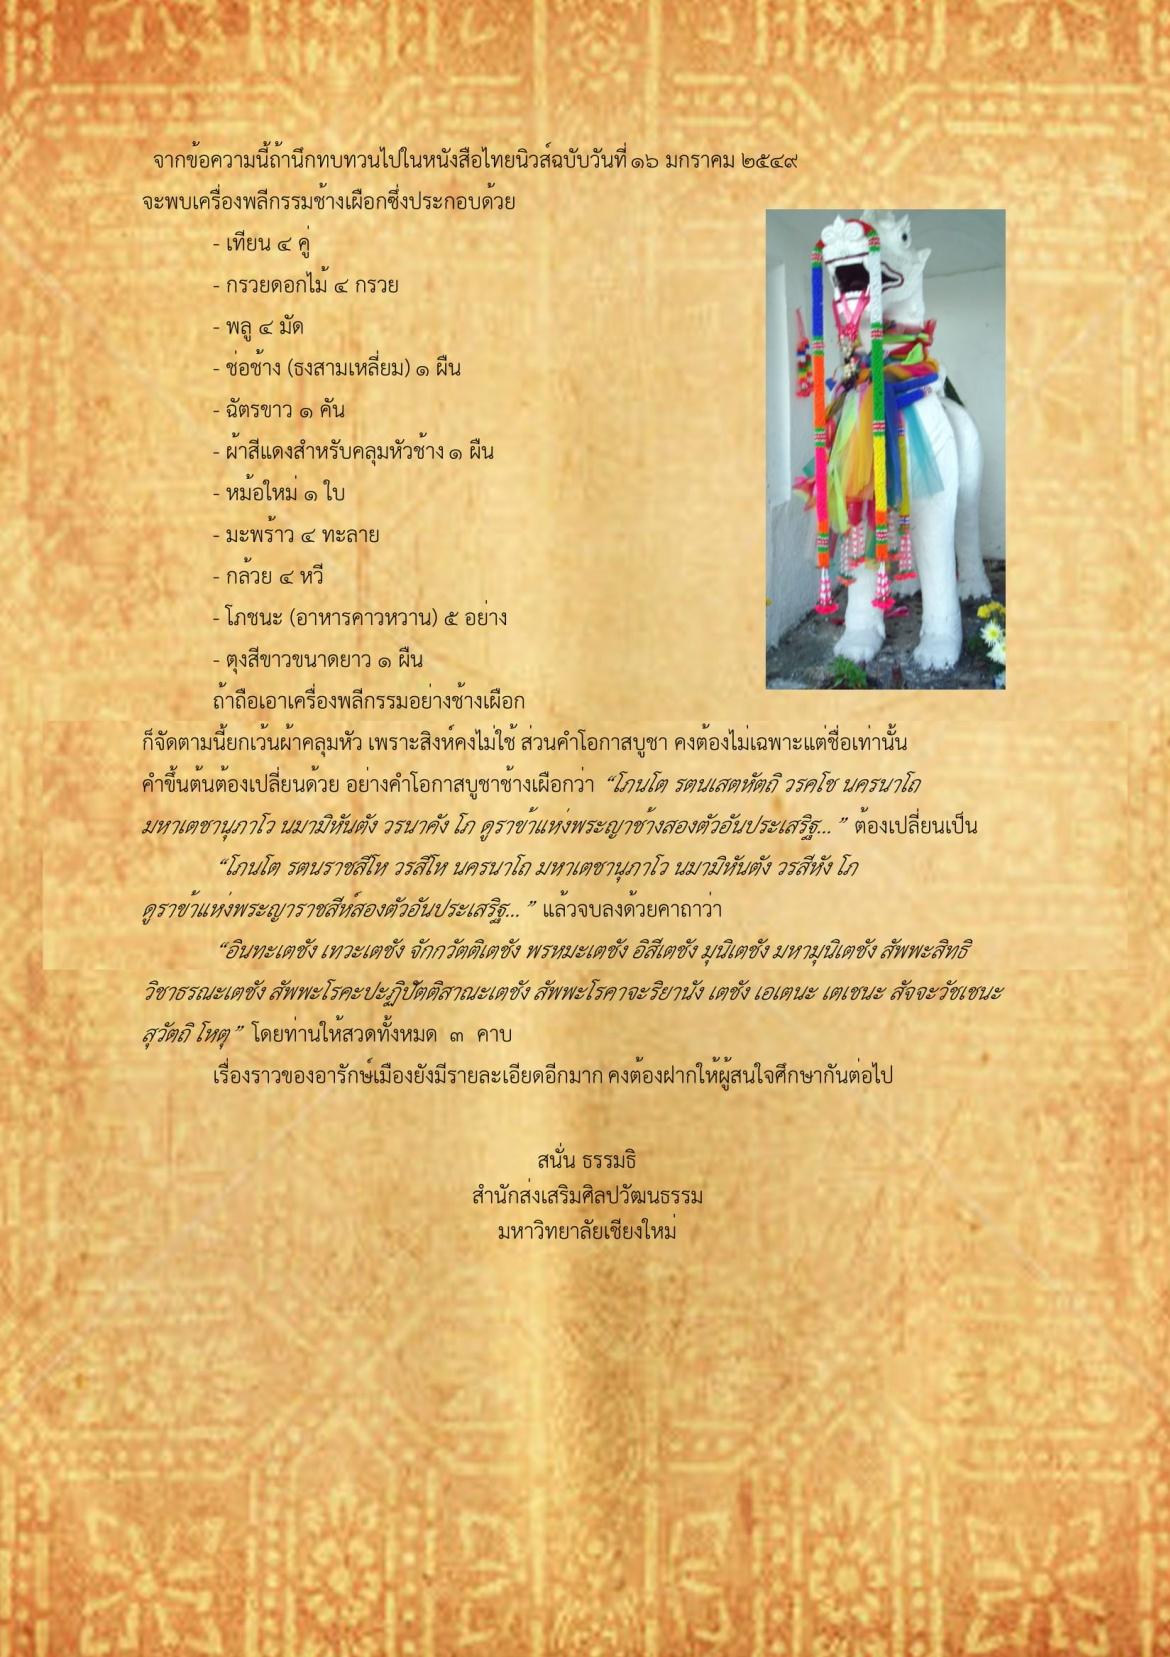 กุมภัณฑ์ สุเทวฤาษีและสิงห์: อารักษ์เมืองเชียงใหม่(2)  - 25 มิถุนายน 2561